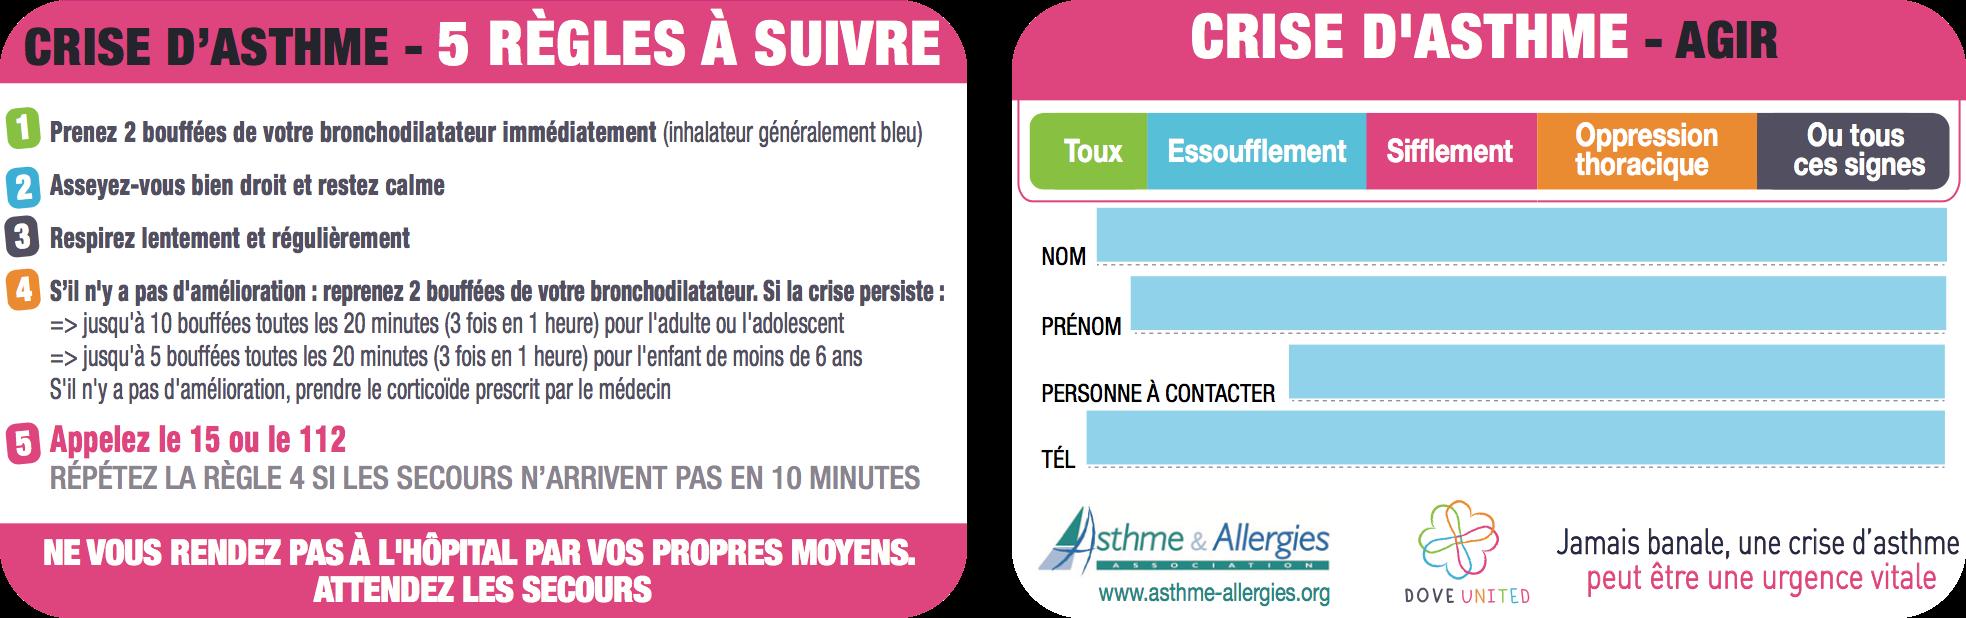 carte crise d'asthme - Asthme et Allergies et Urticaire